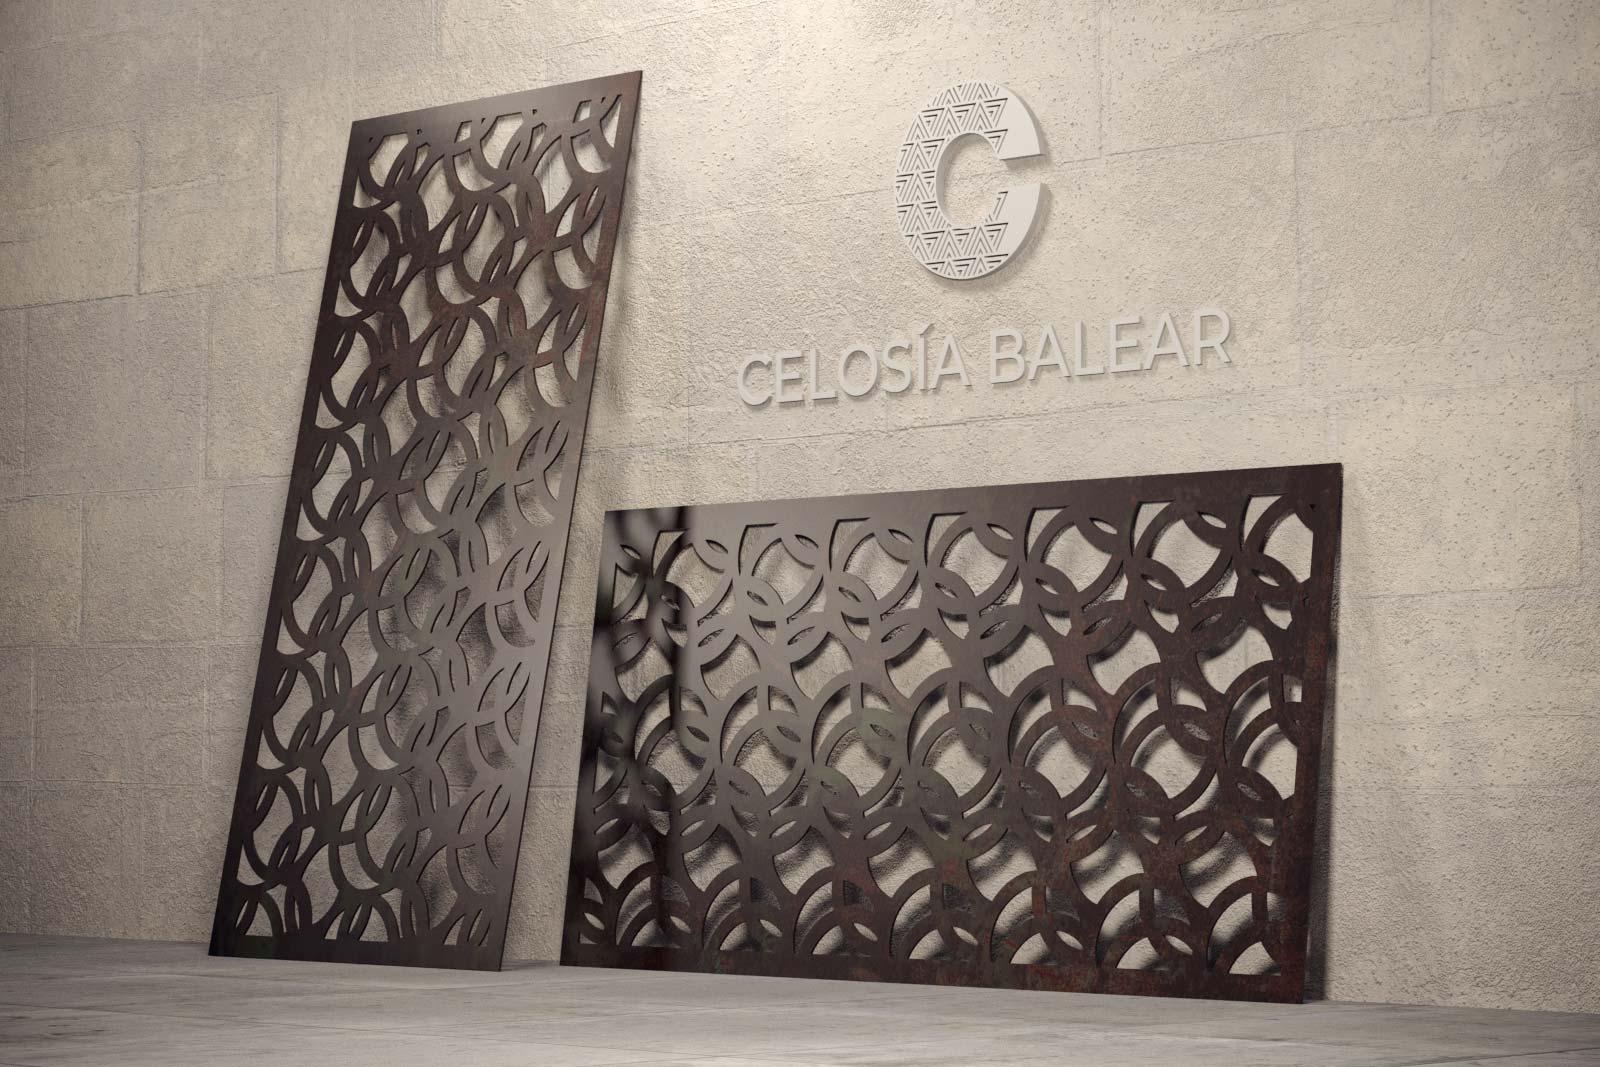 Diseño de círculos en placa de celosía metálica